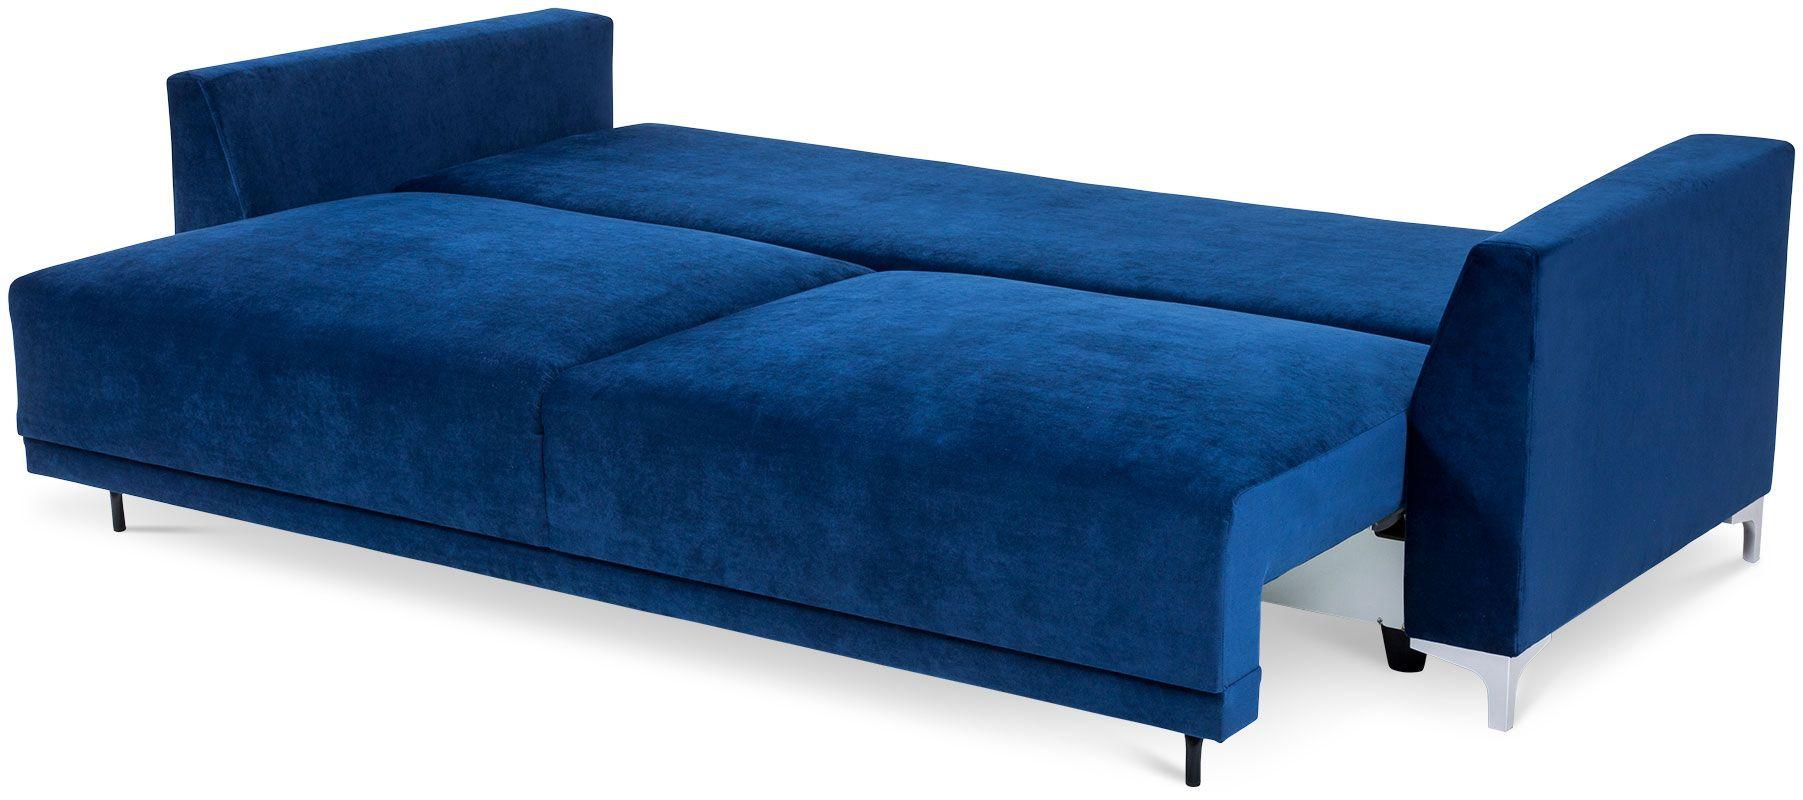 sofa verdi 10